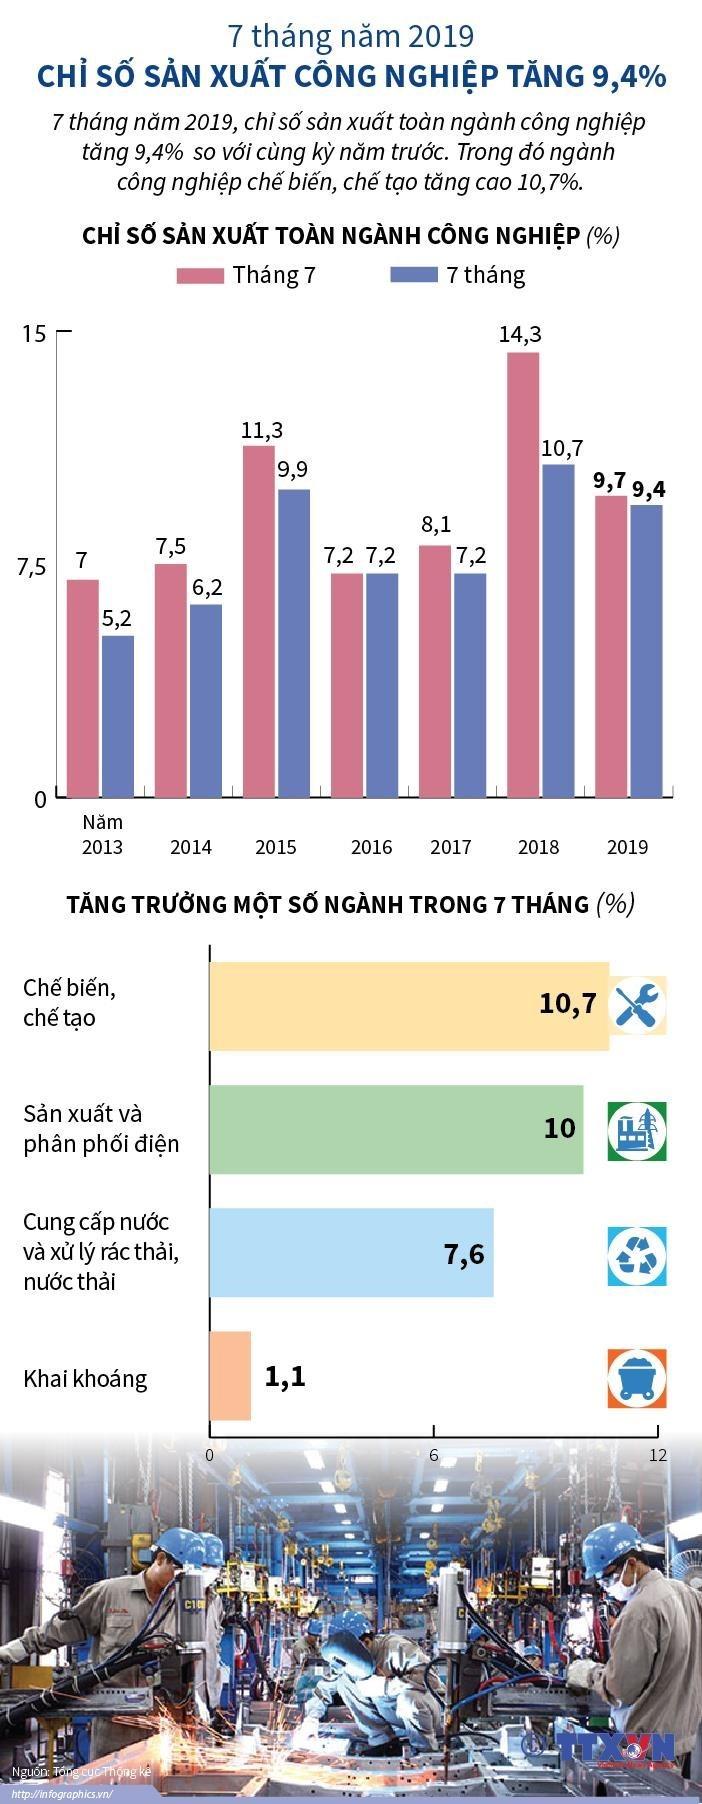 [Infographics] 7 tháng qua, chỉ số sản xuất công nghiệp tăng 9,4% - Ảnh 1